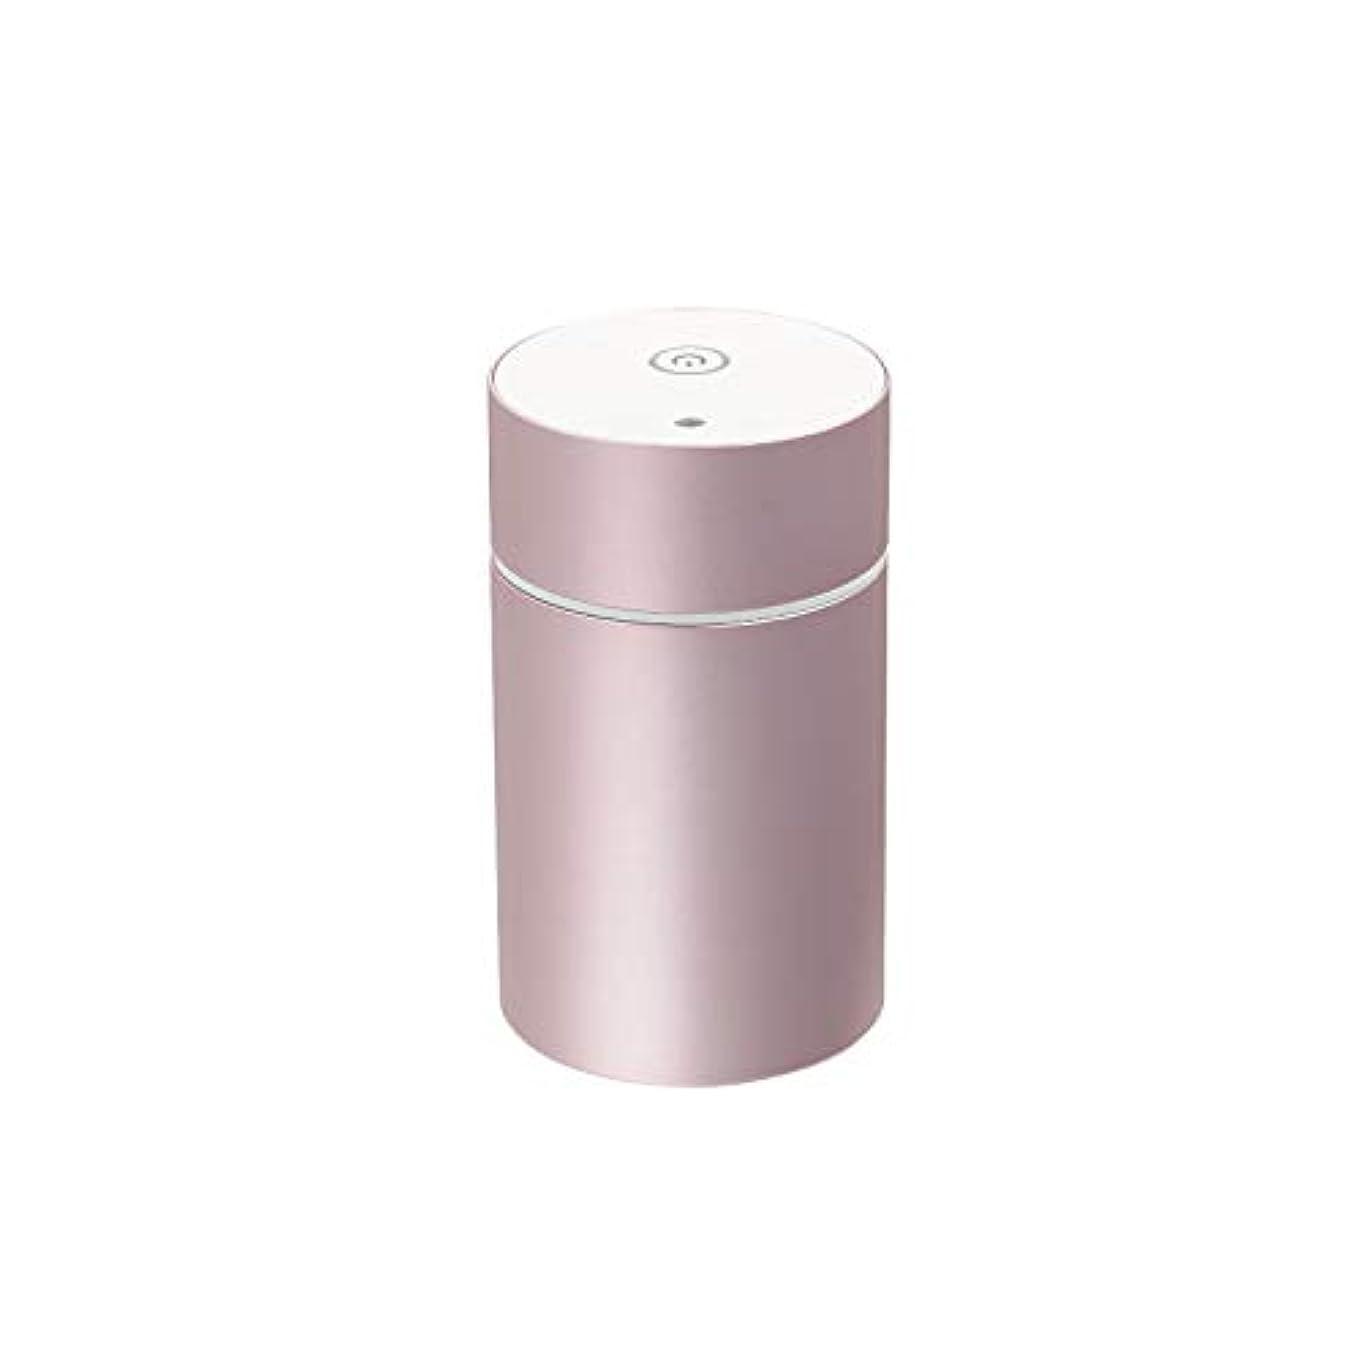 ロープ連合調子生活の木 アロマディフューザー(ピンク)aromore mini(アロモアミニ) 08-801-7020